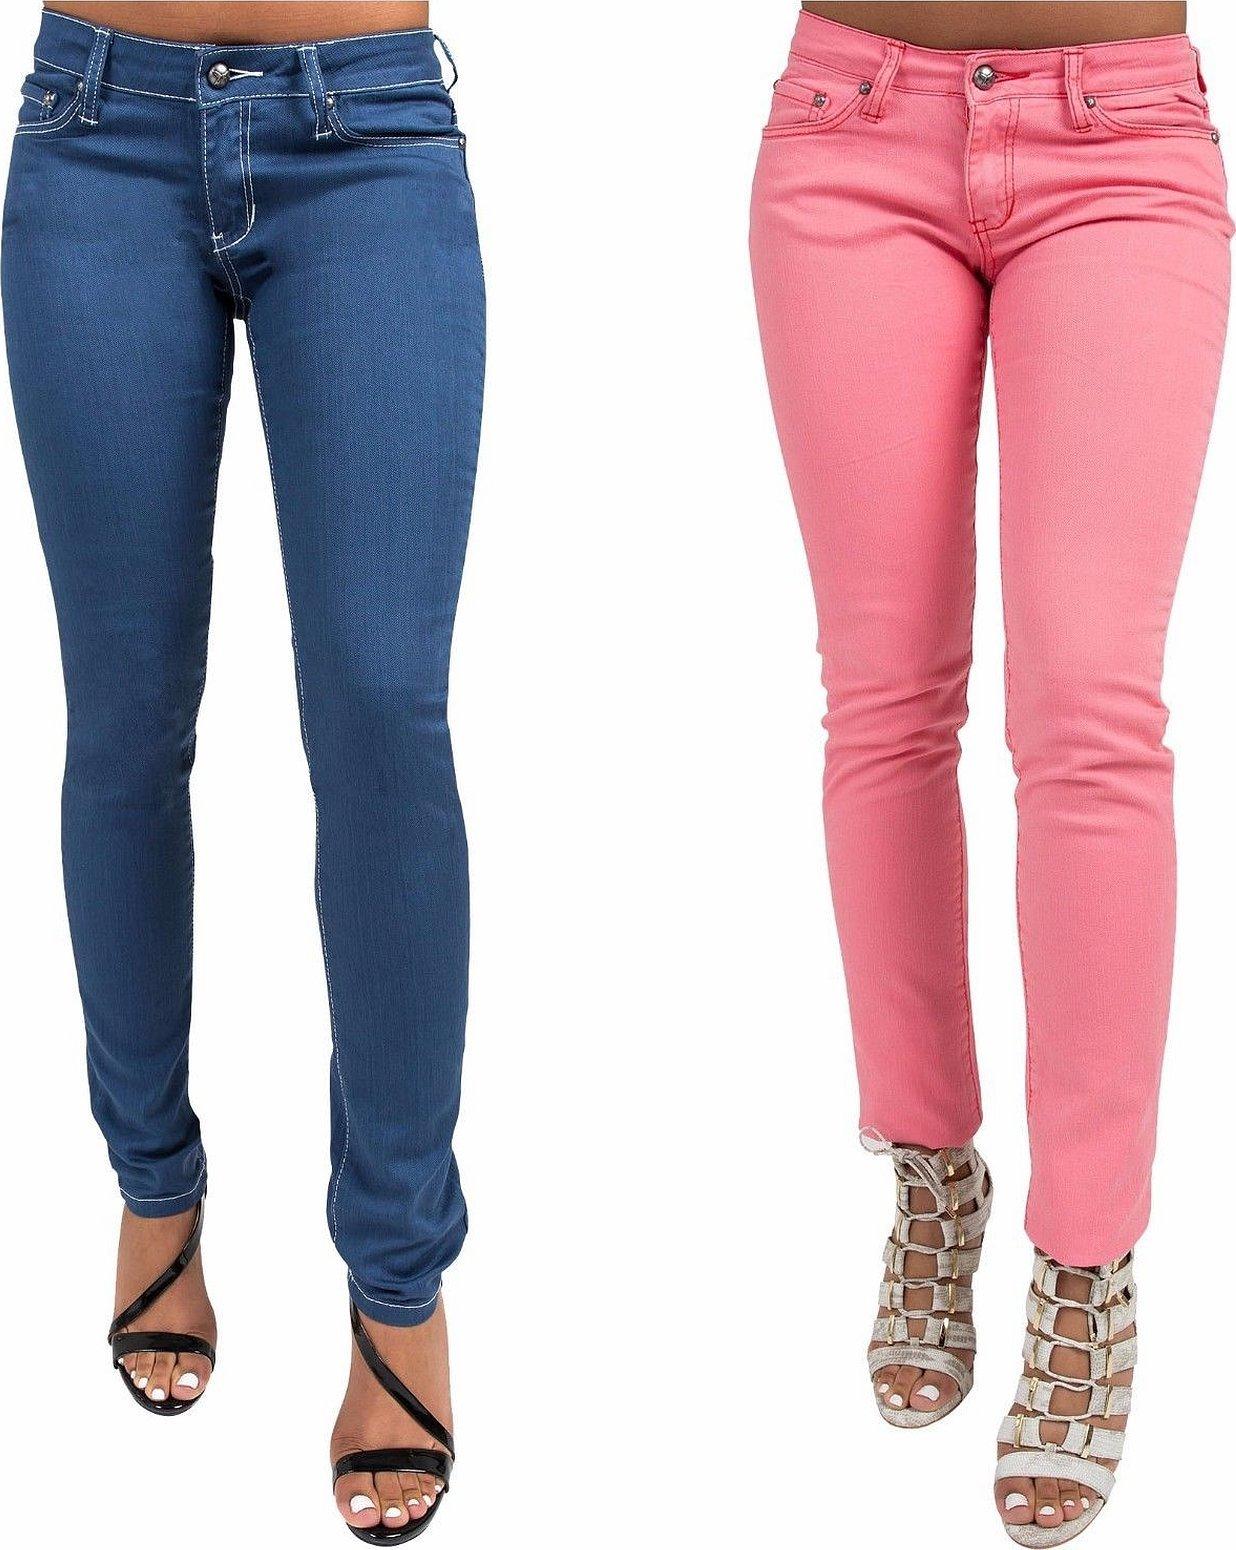 Женские узкие джинсы розовые